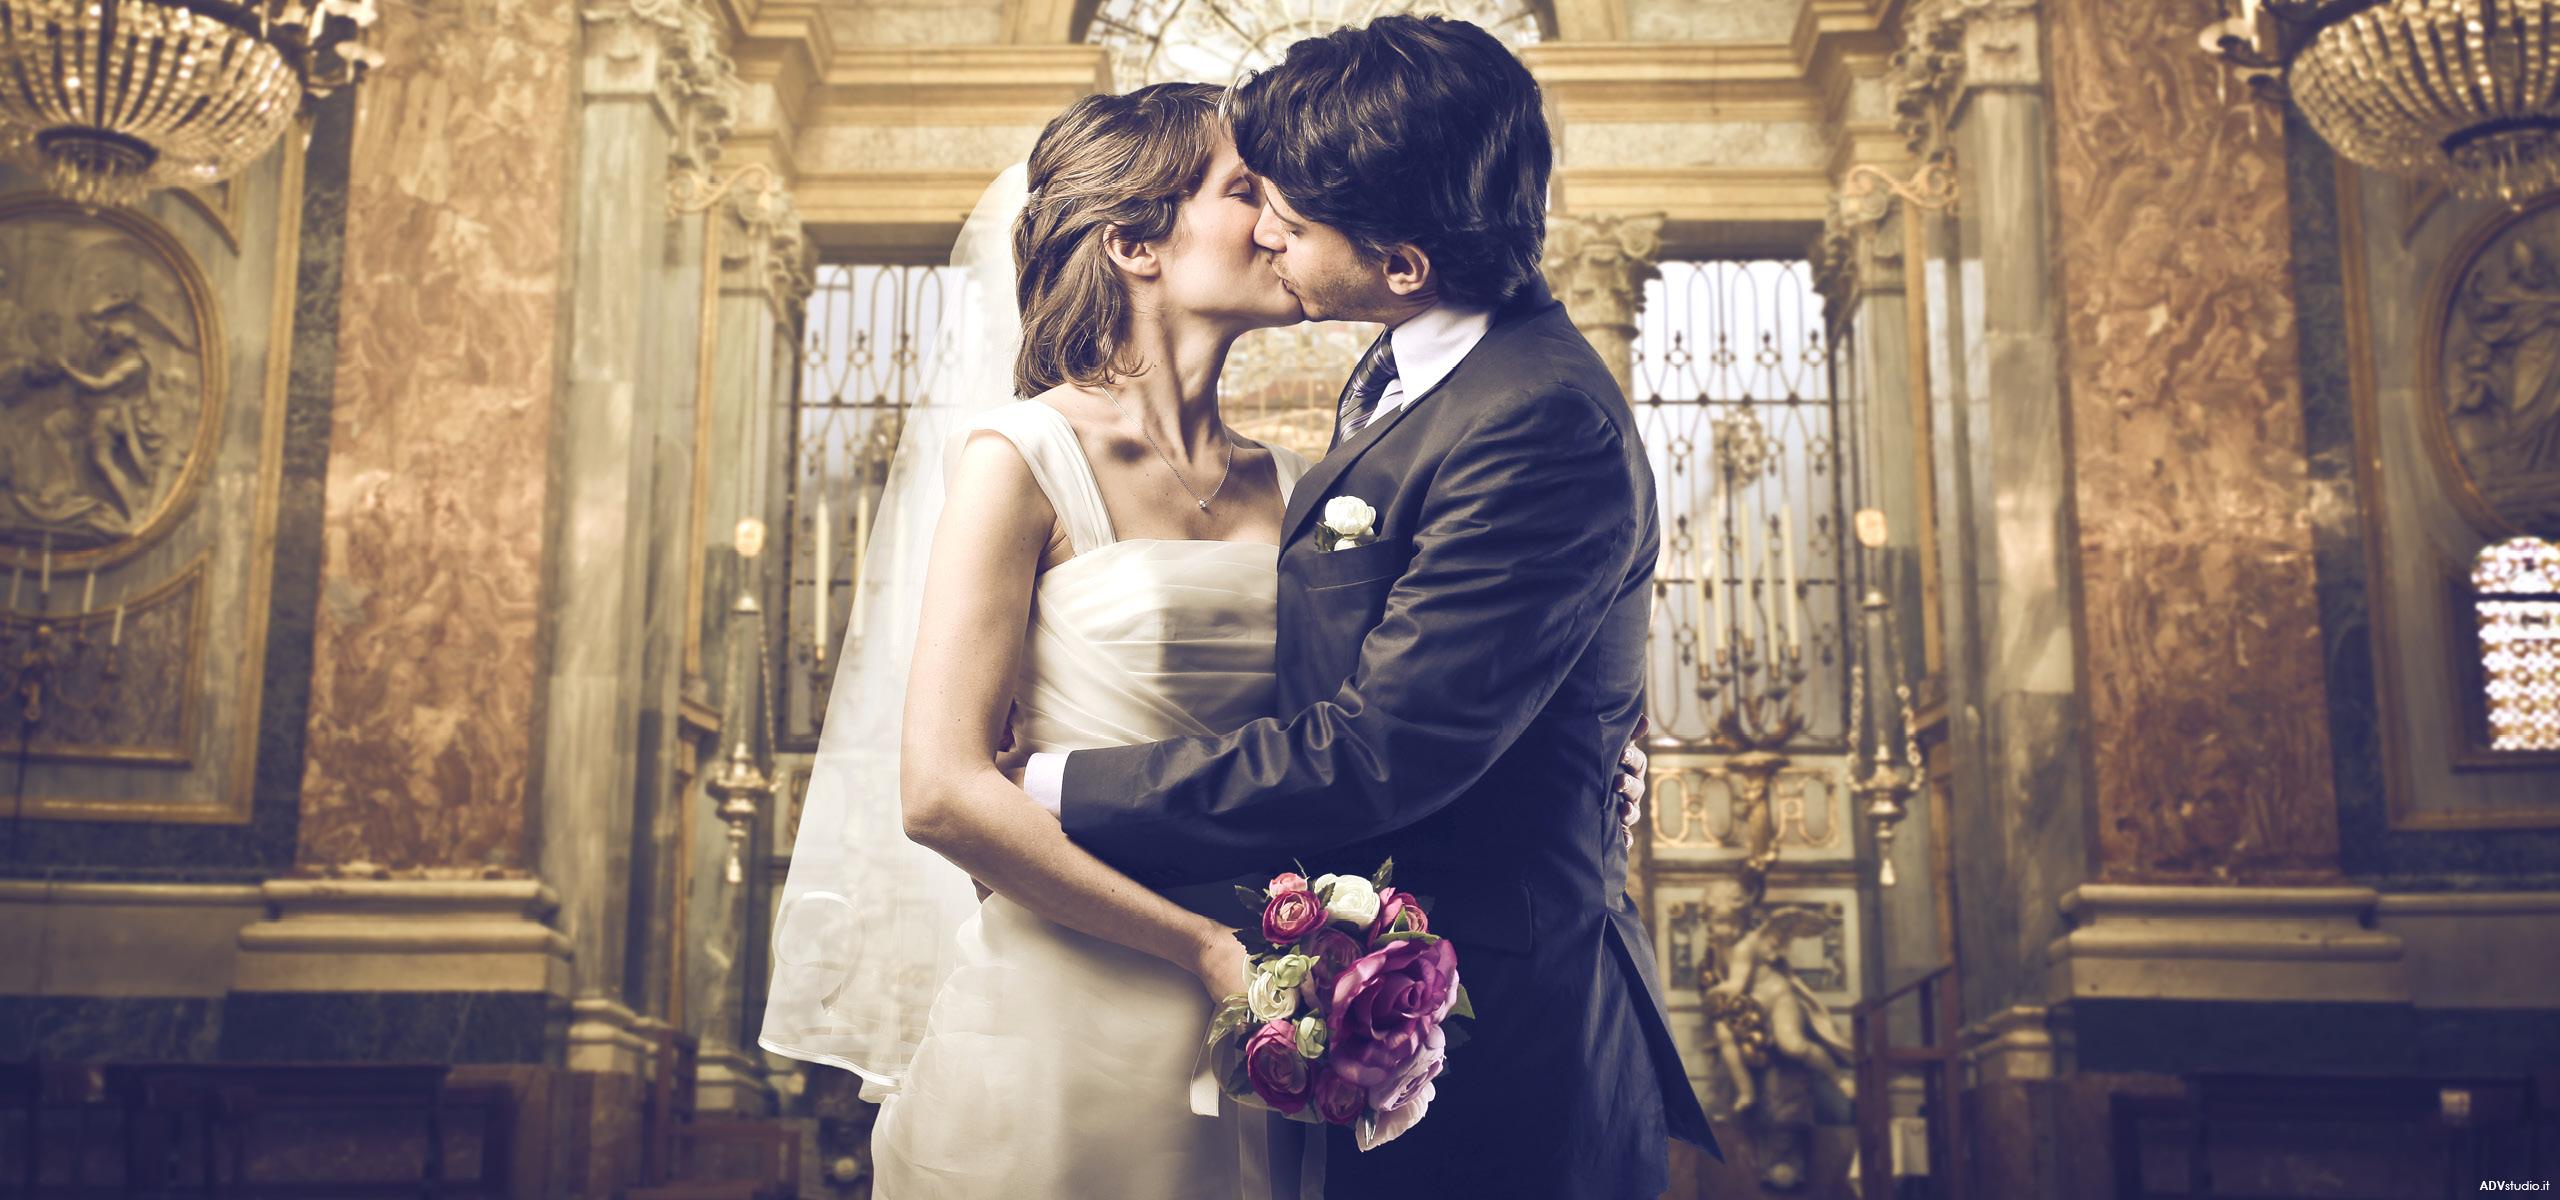 fotografo-matrimonio-book-fotografico-matrimoni-bolzano-merano-bressanone-bz-alto-adige-laives-brunico-appiano-sulla-strada-del-vino-lana-caldaro-advstudio-3